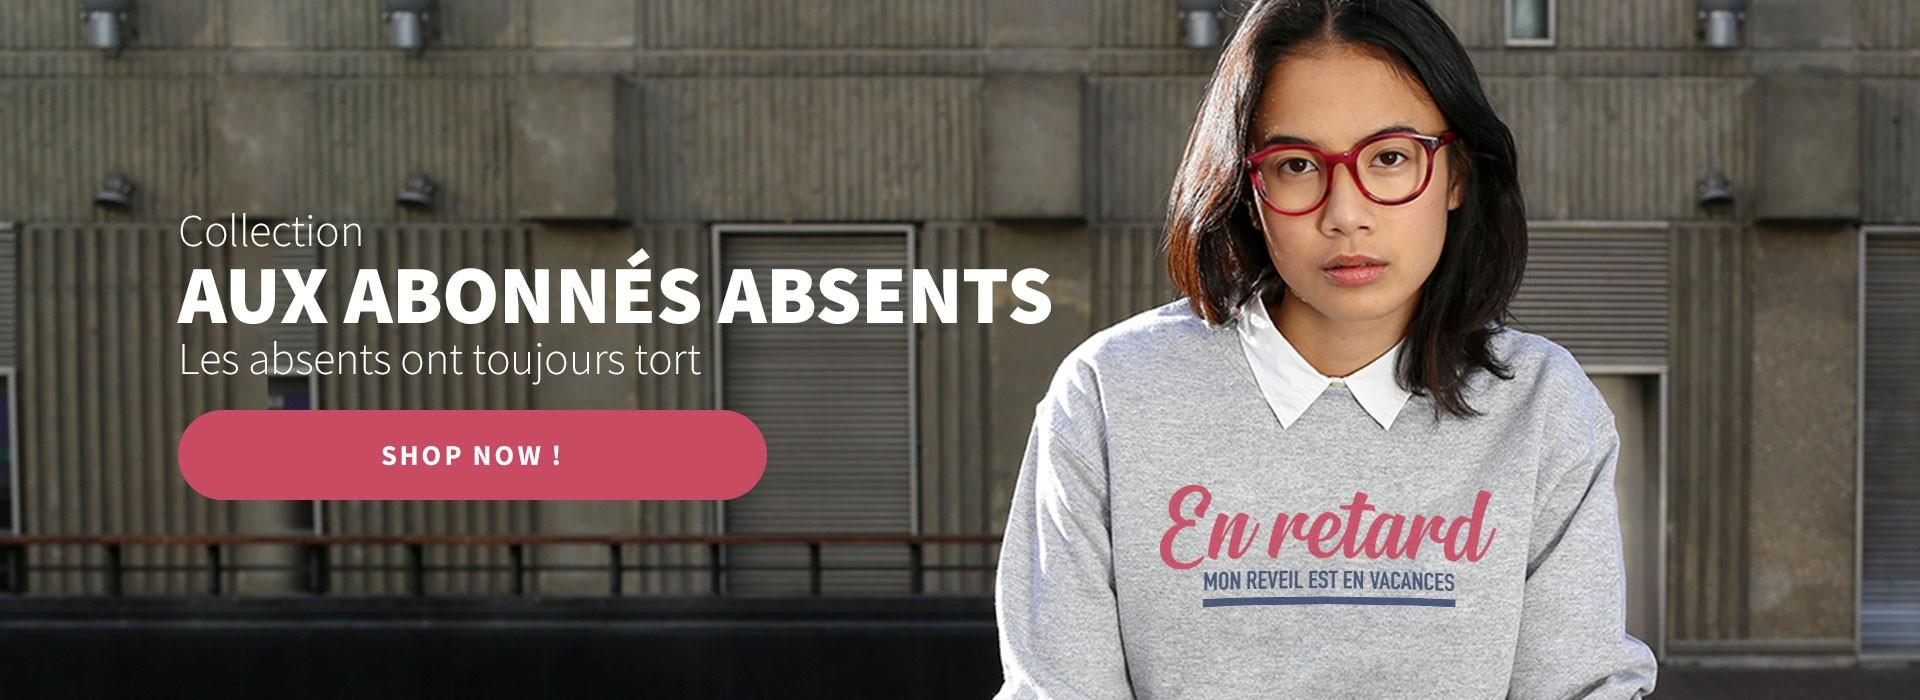 Aux abonnés absents